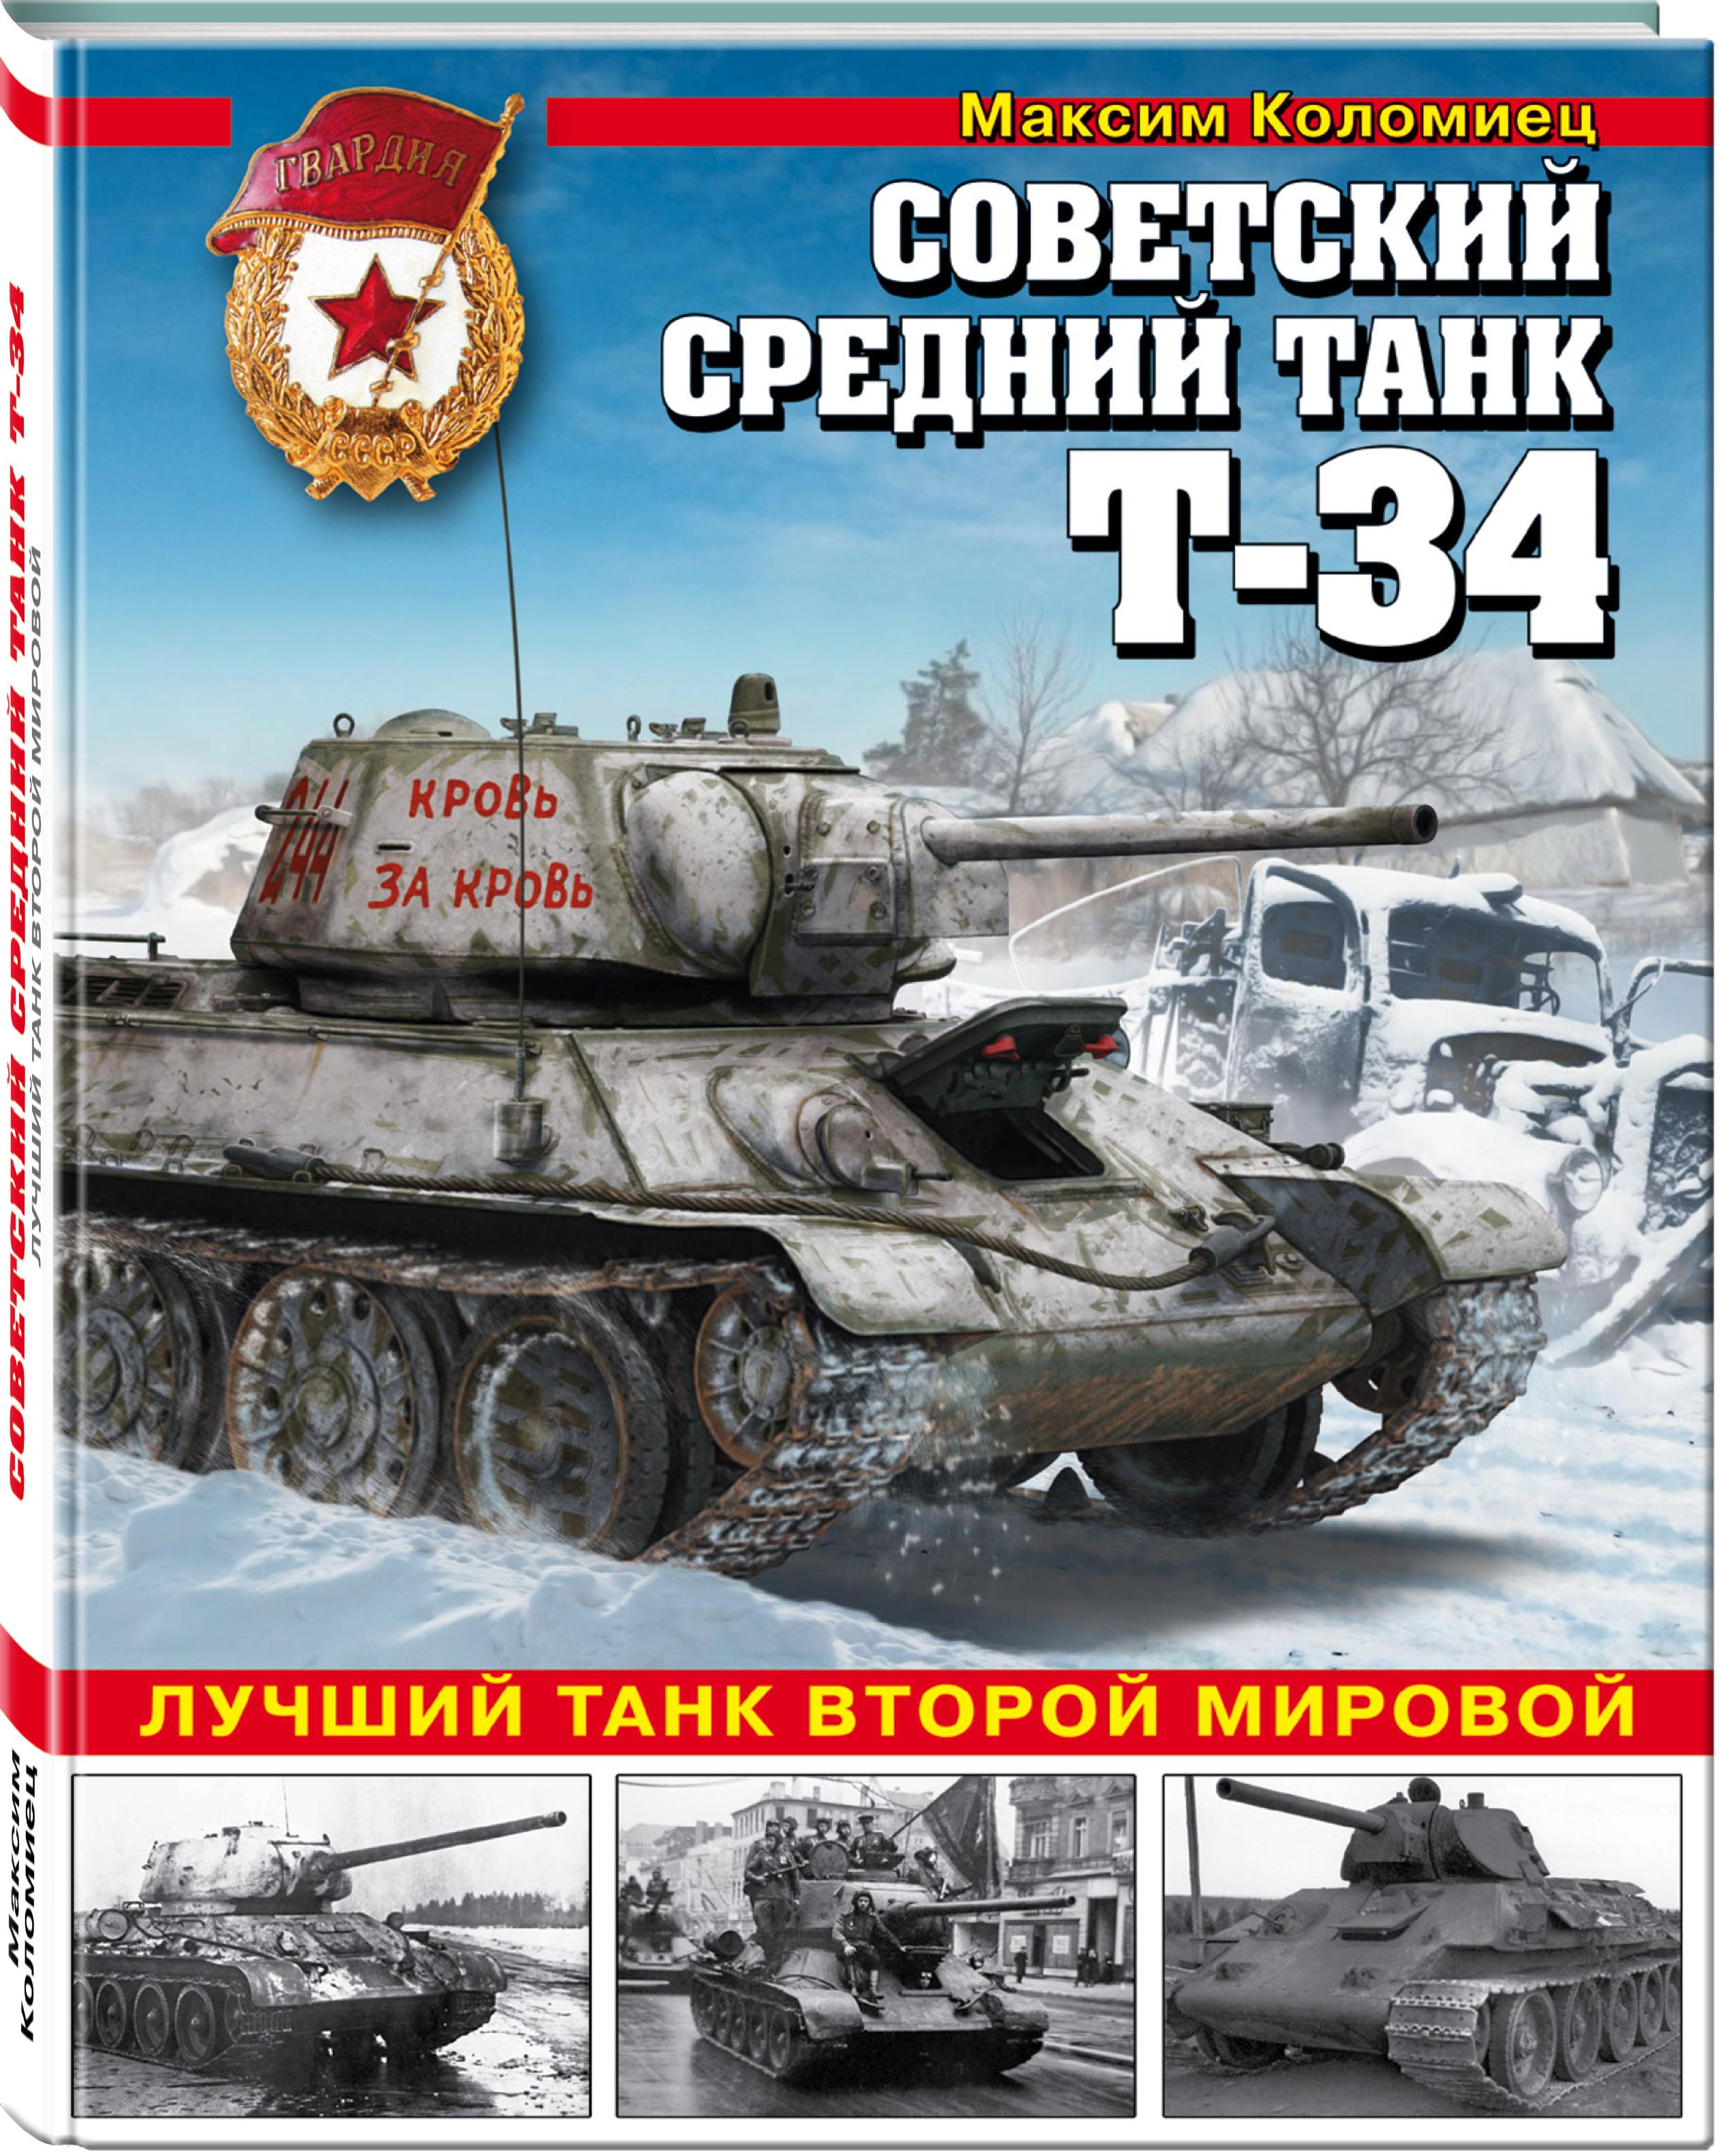 Коломиец М.В. Советский средний танк Т-34. Лучший танк Второй мировой